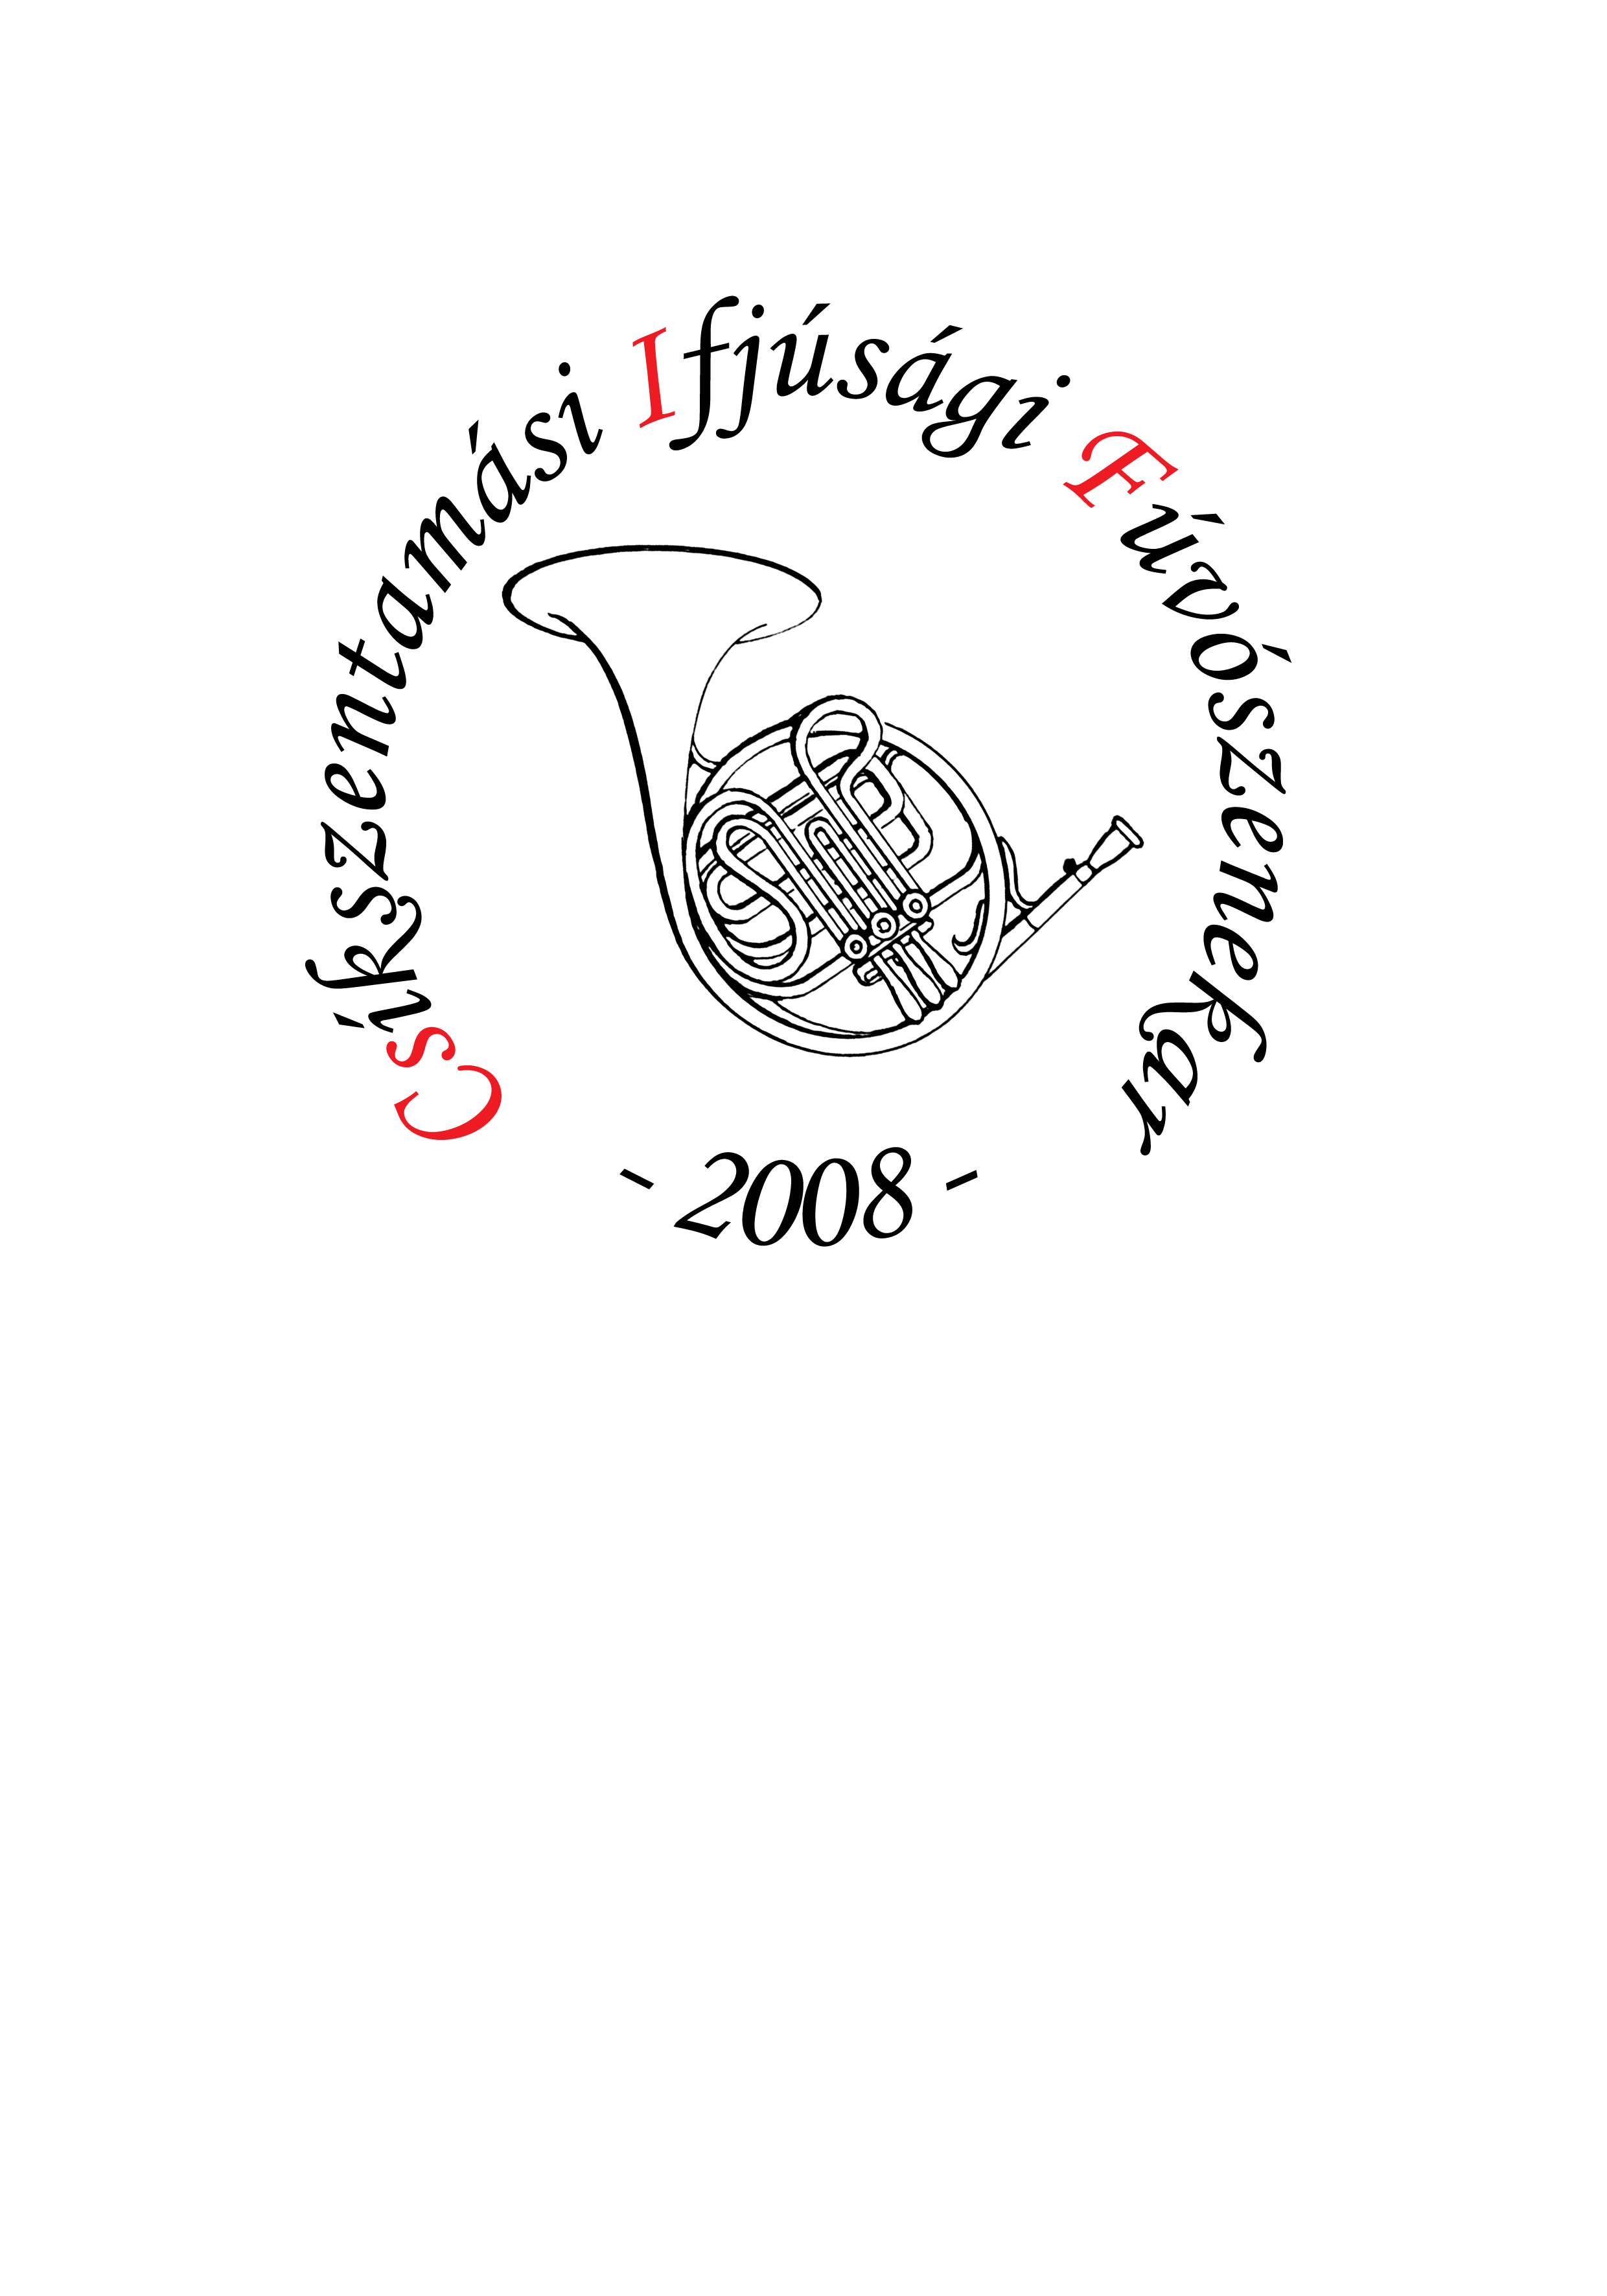 Asociatia Csikszenttamasi Ifjusagi Fuvoszenekar logo